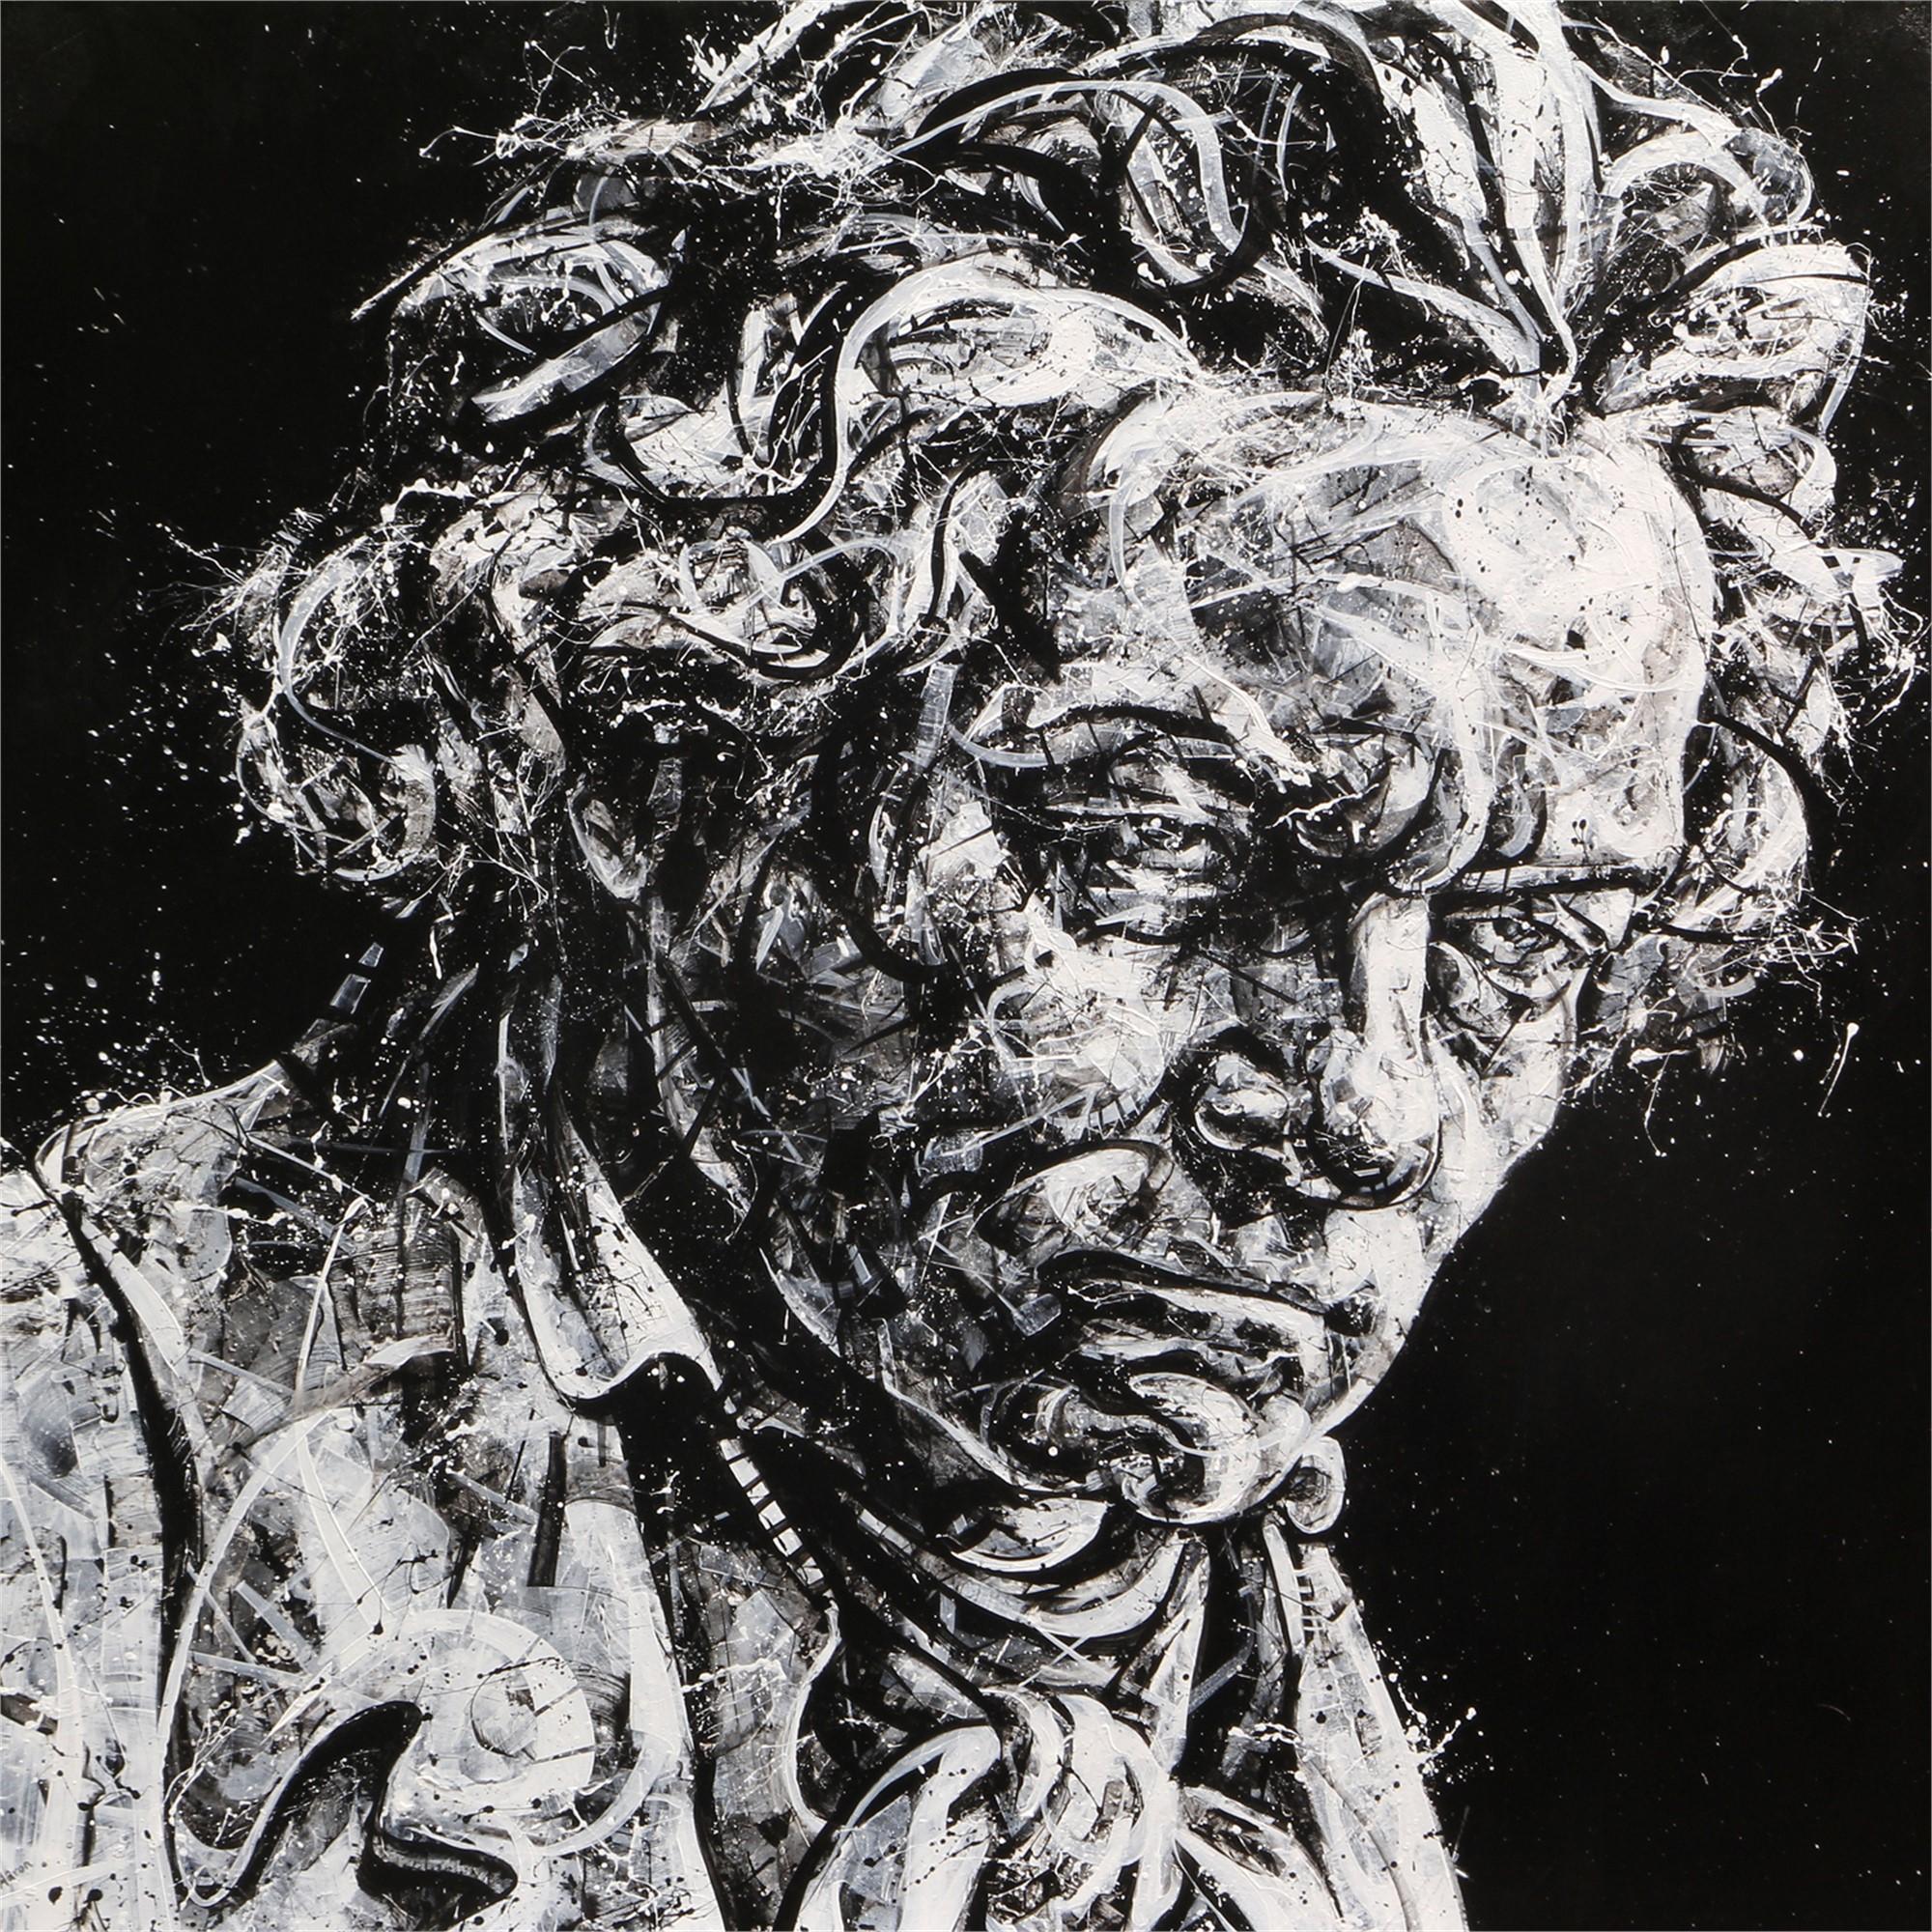 Beethoven, 2017 by Aaron Reichert